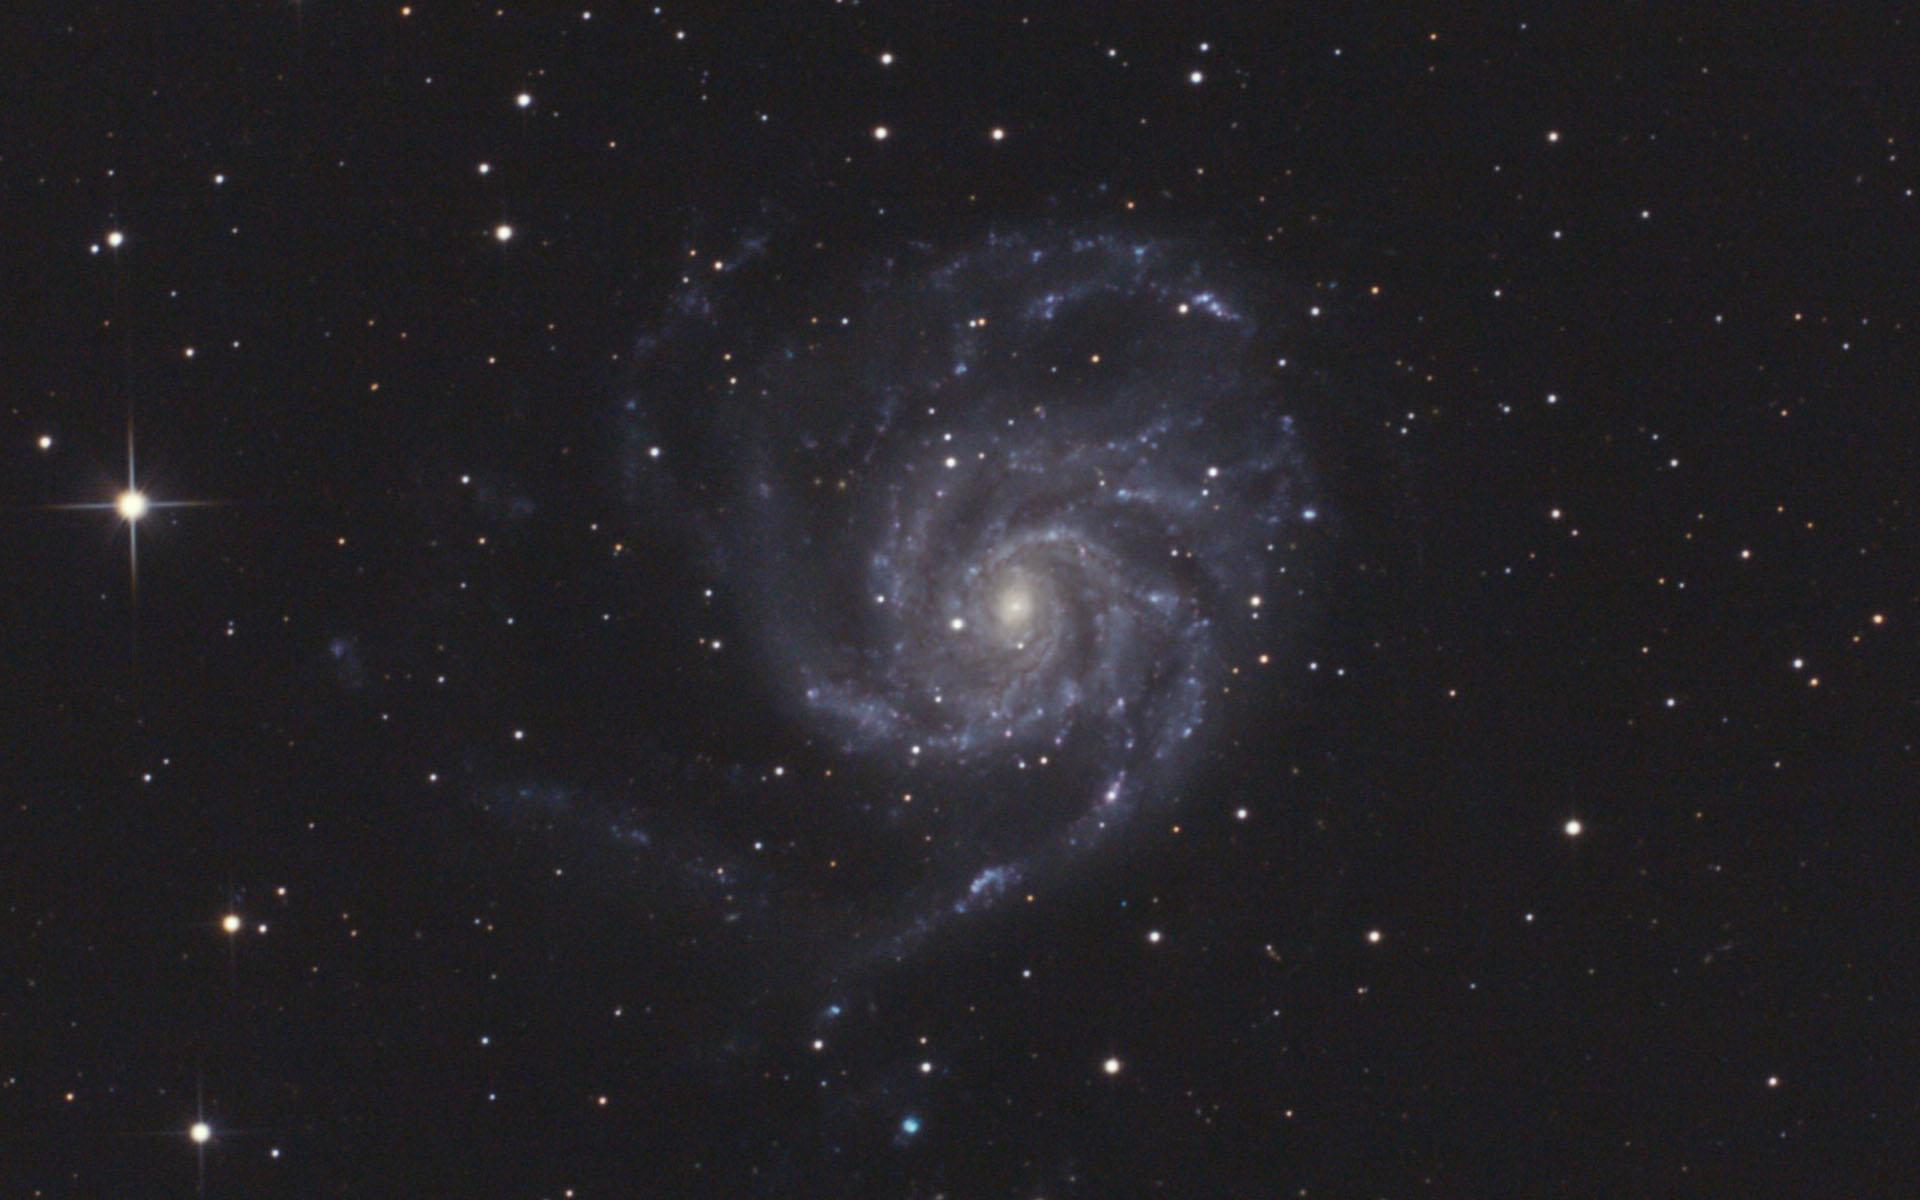 M101_1zu1.jpg